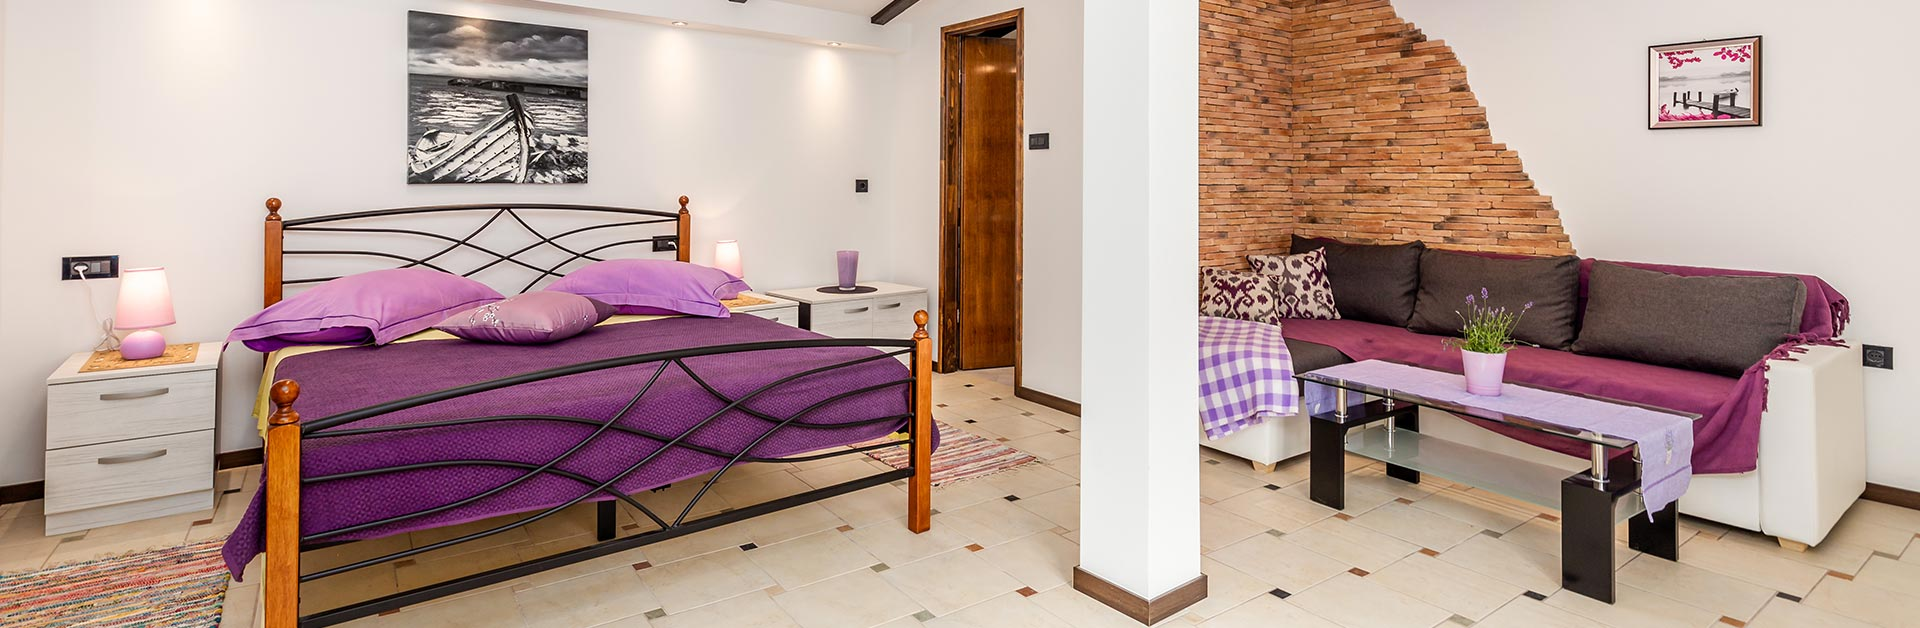 Apartmani Hrvatin - Studio apartman 1